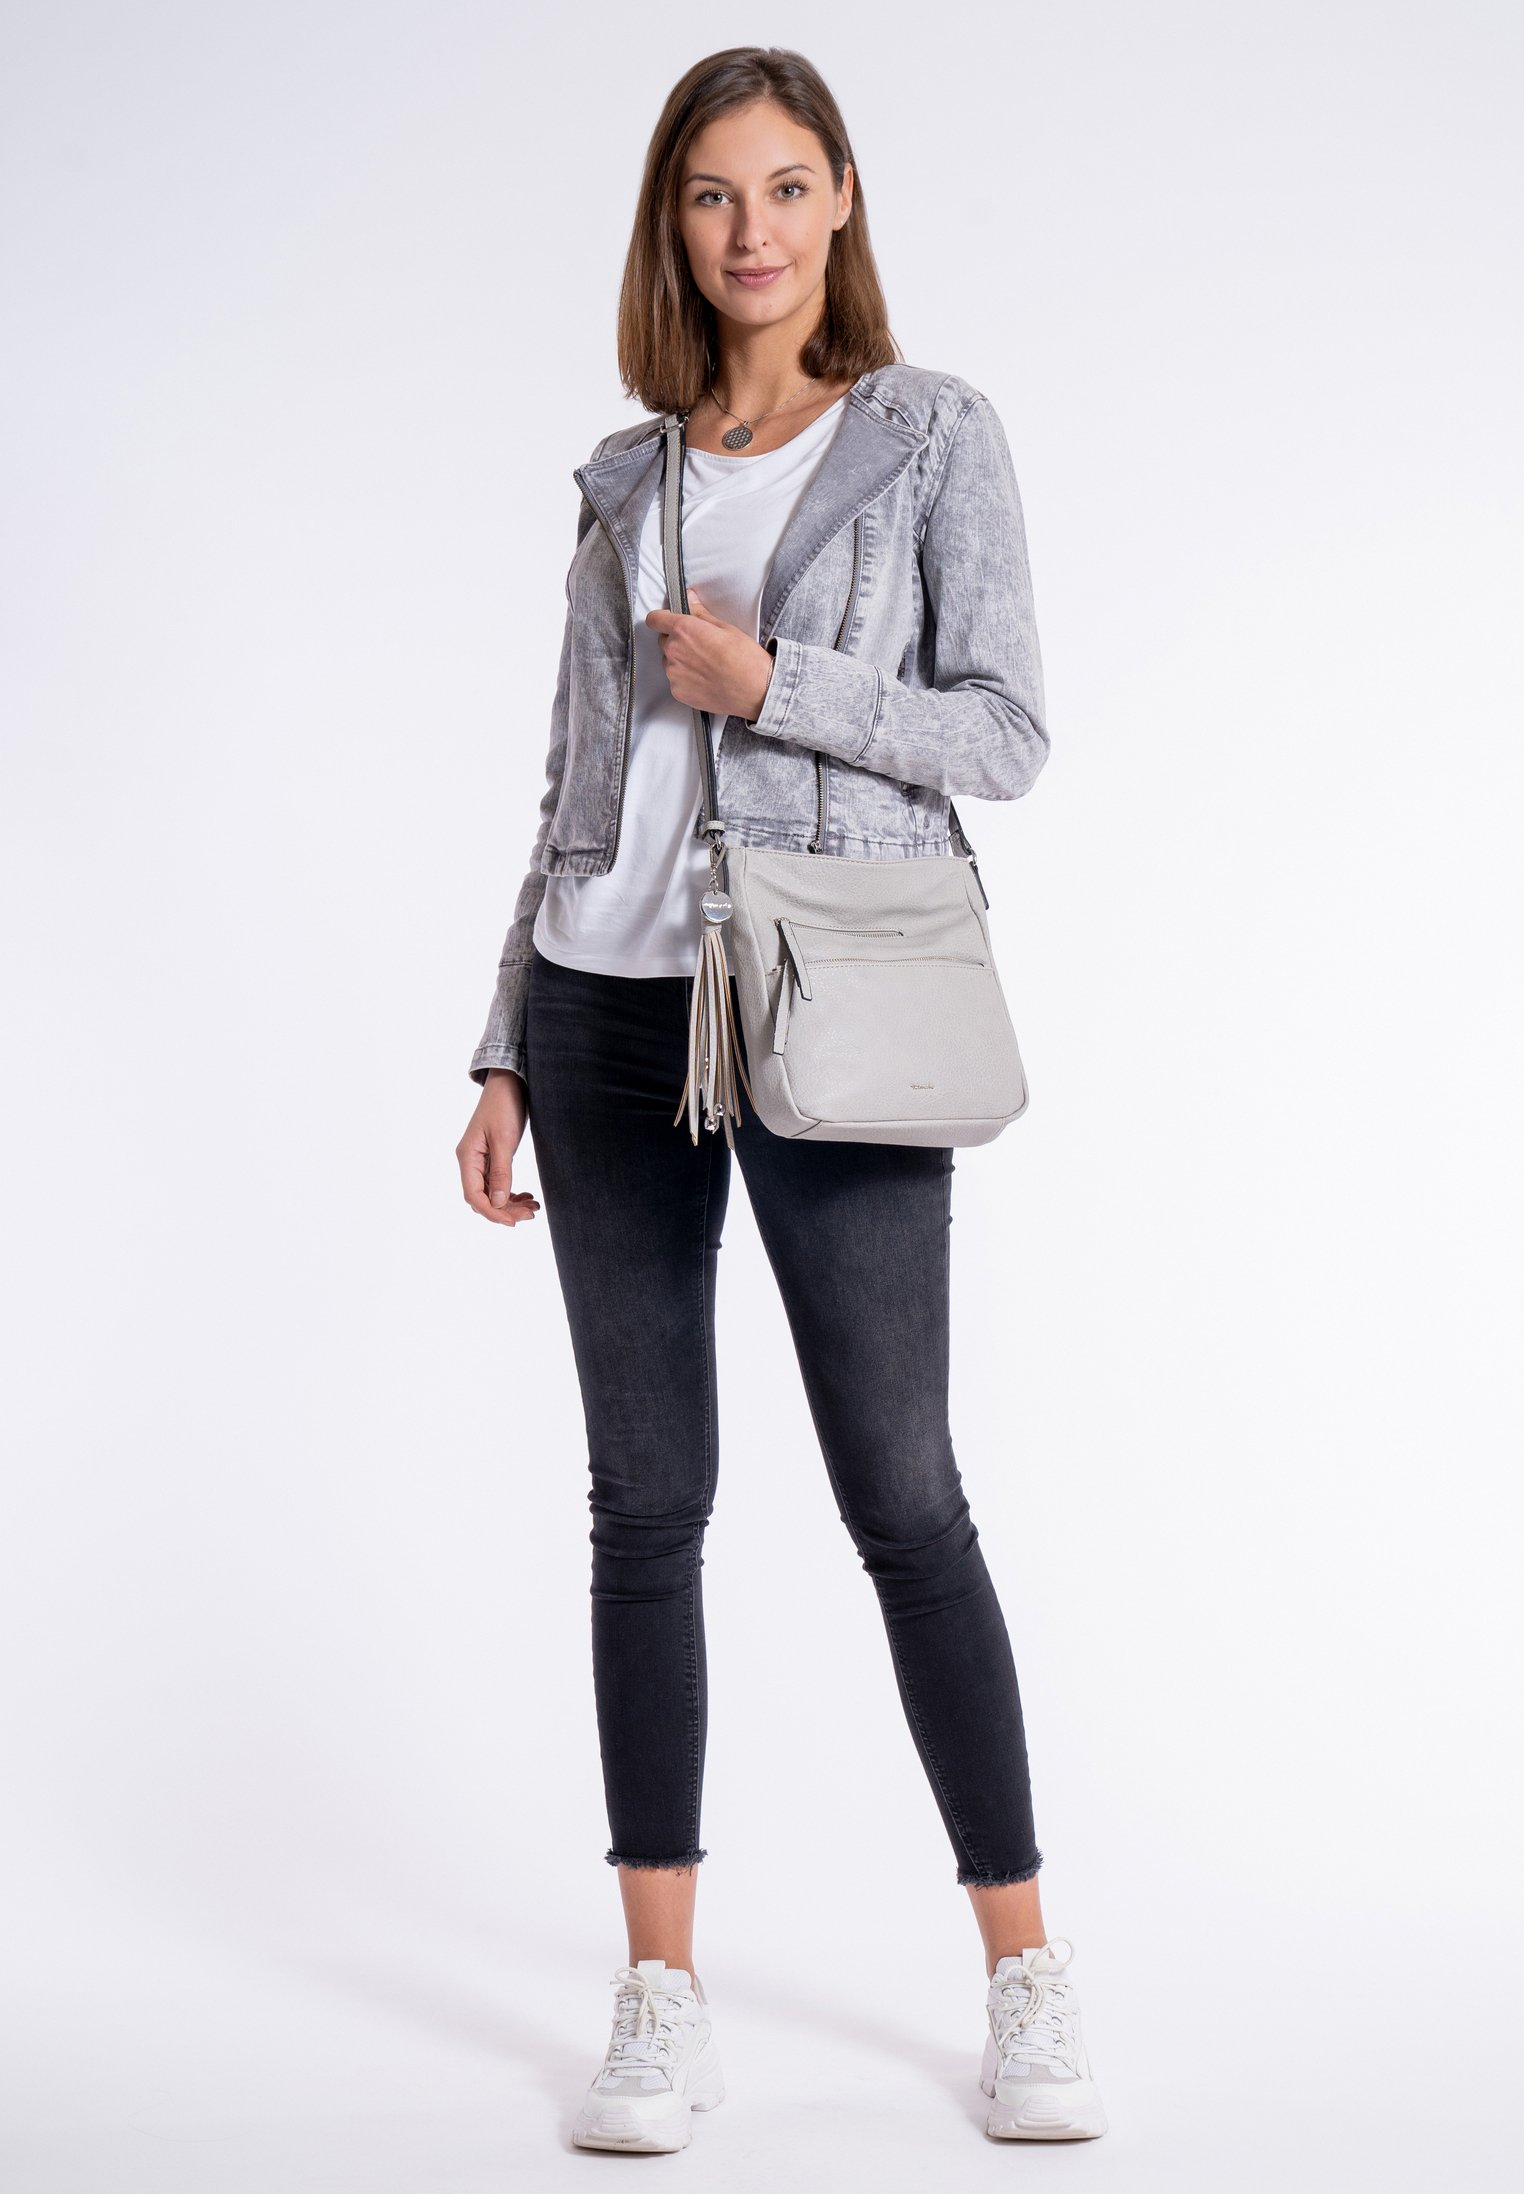 Graue Tamaris Mode   Online Katalog zum Thema Fashion   ZALANDO